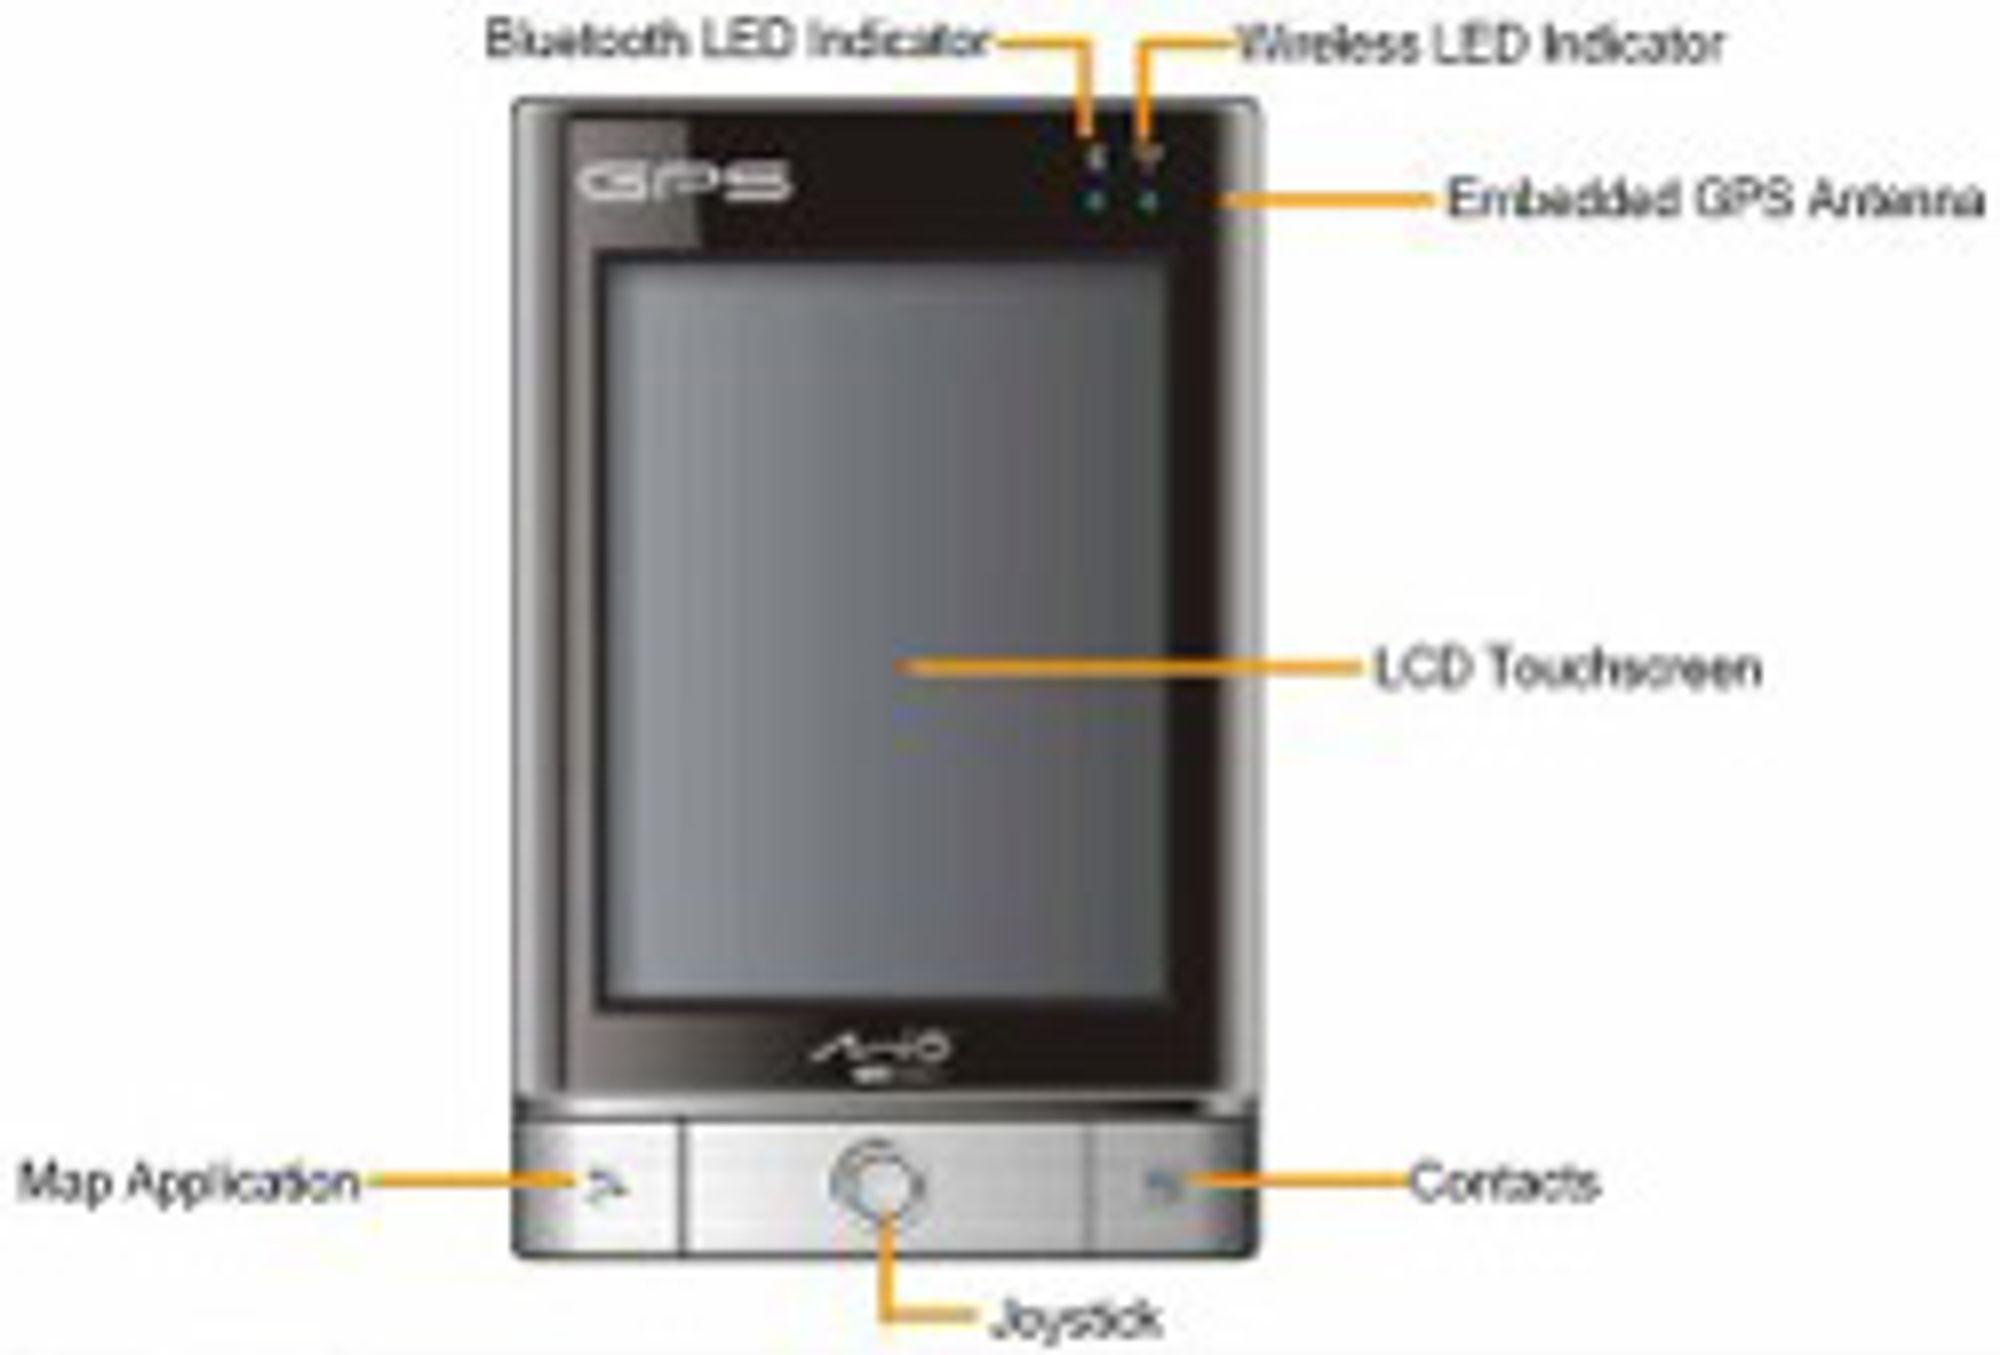 Slik ser Mios neste GPS-PDA ut ifølge ryktene.